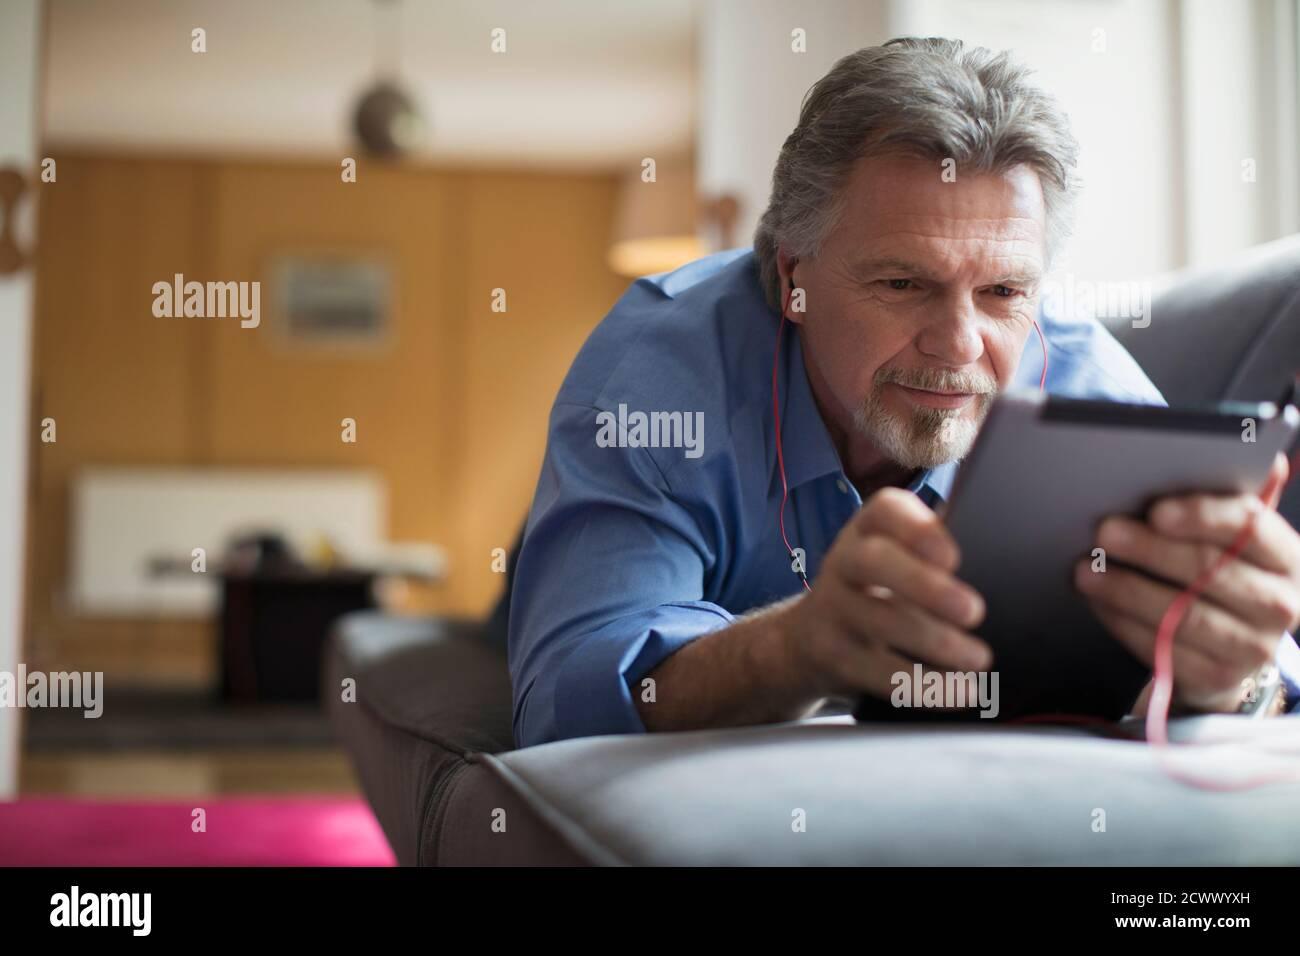 Homme senior utilisant un casque et une tablette numérique dans le salon canapé Banque D'Images